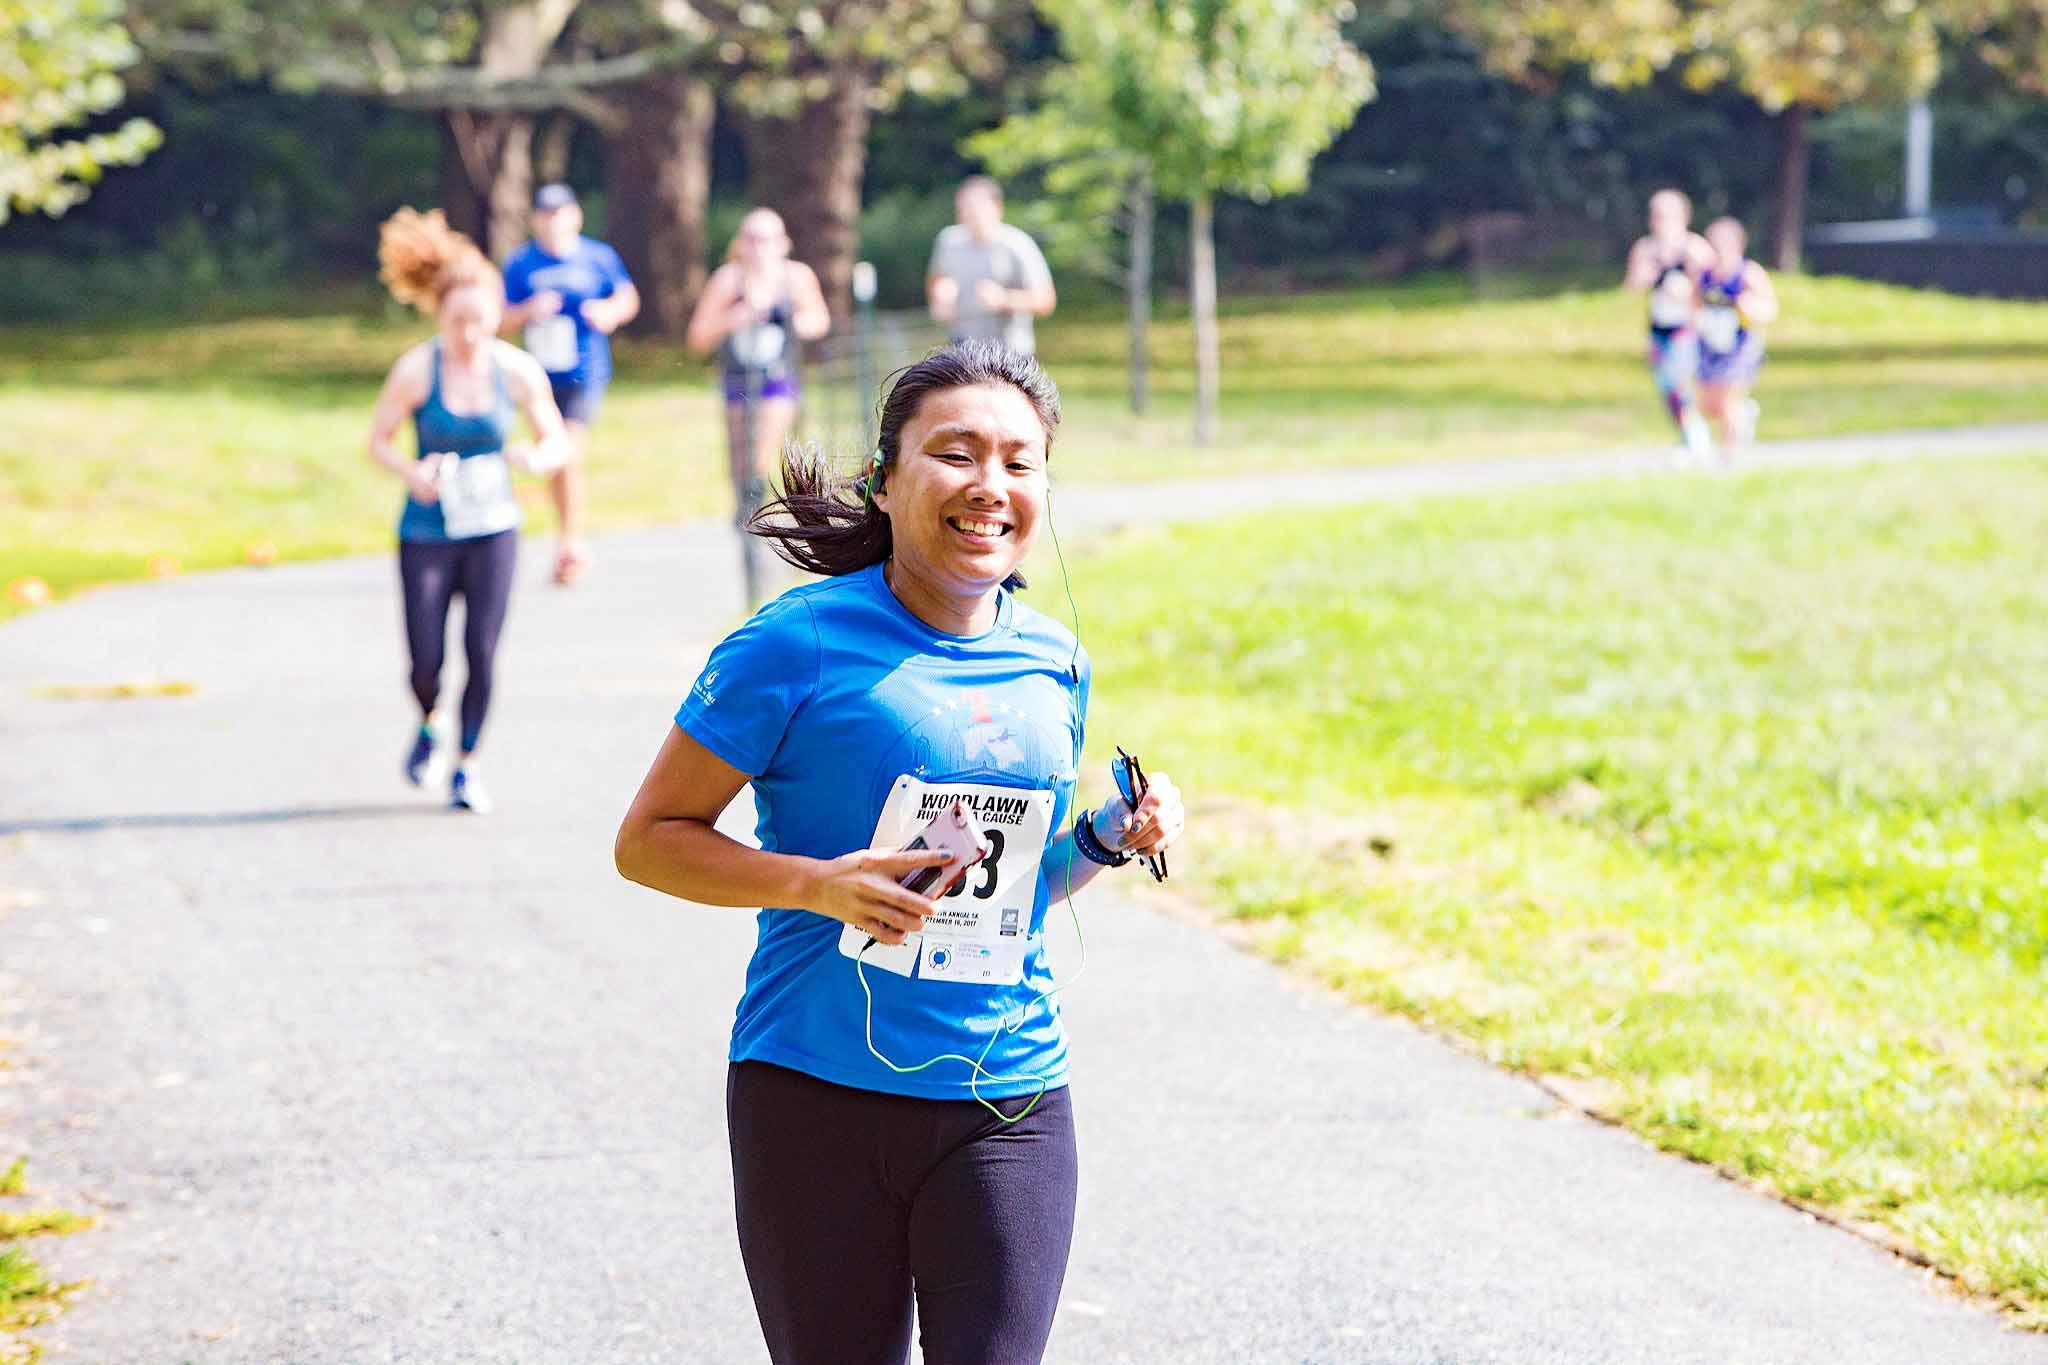 40-Woodlawn Run for a Cause-086.jpg